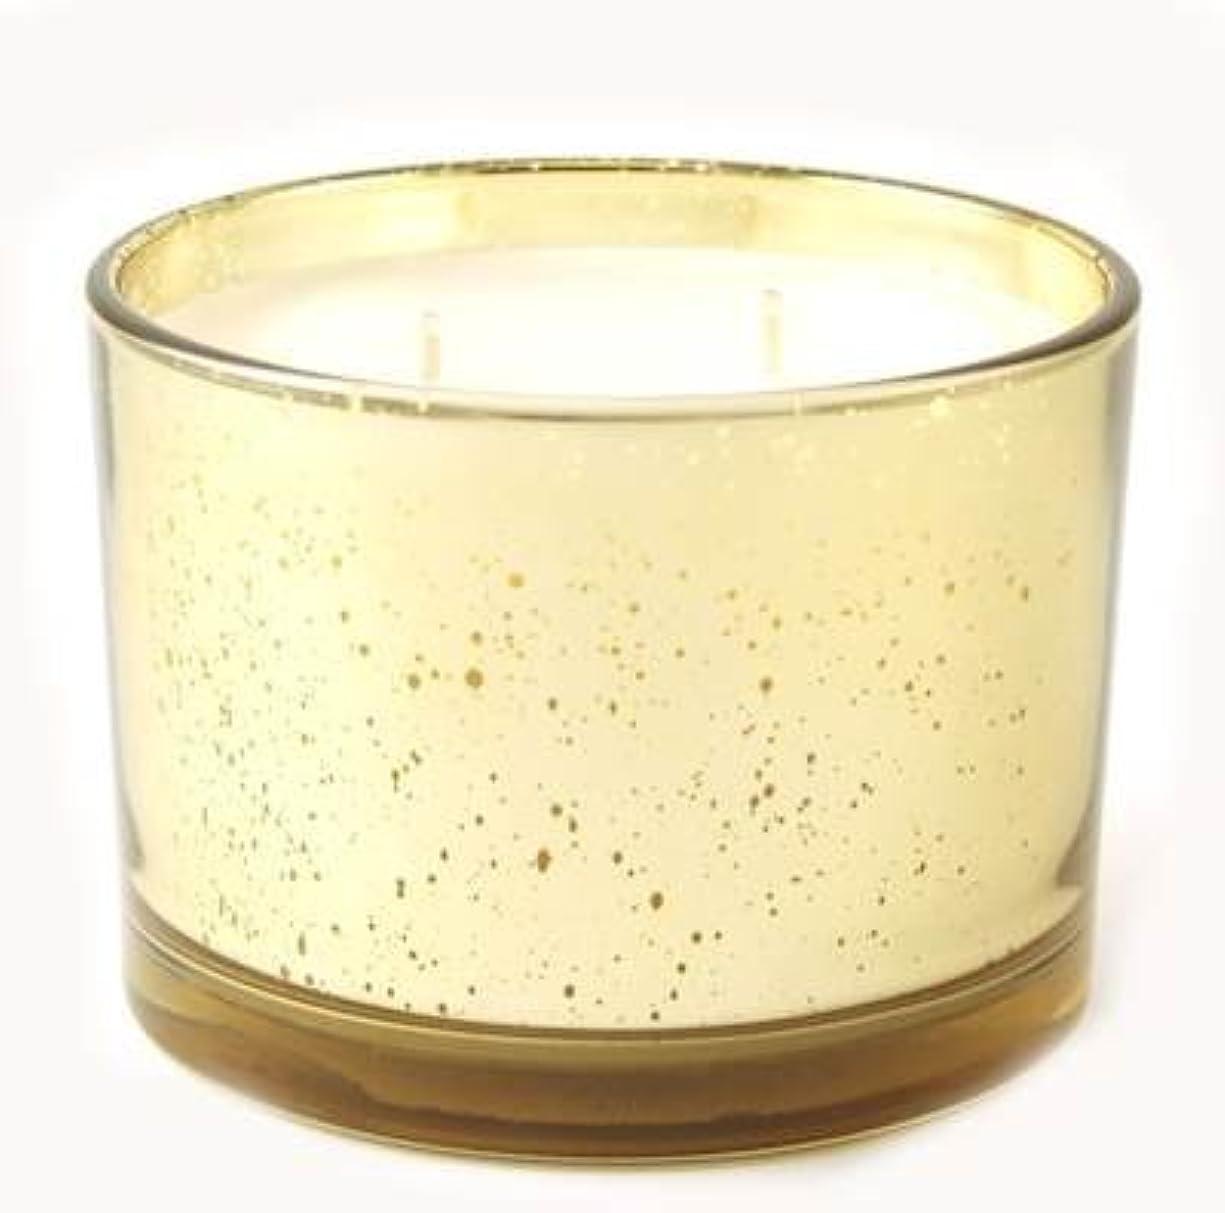 膨張するより副High Maintenance Tyler Statureゴールドonゴールド16oz香りつきJar Candle